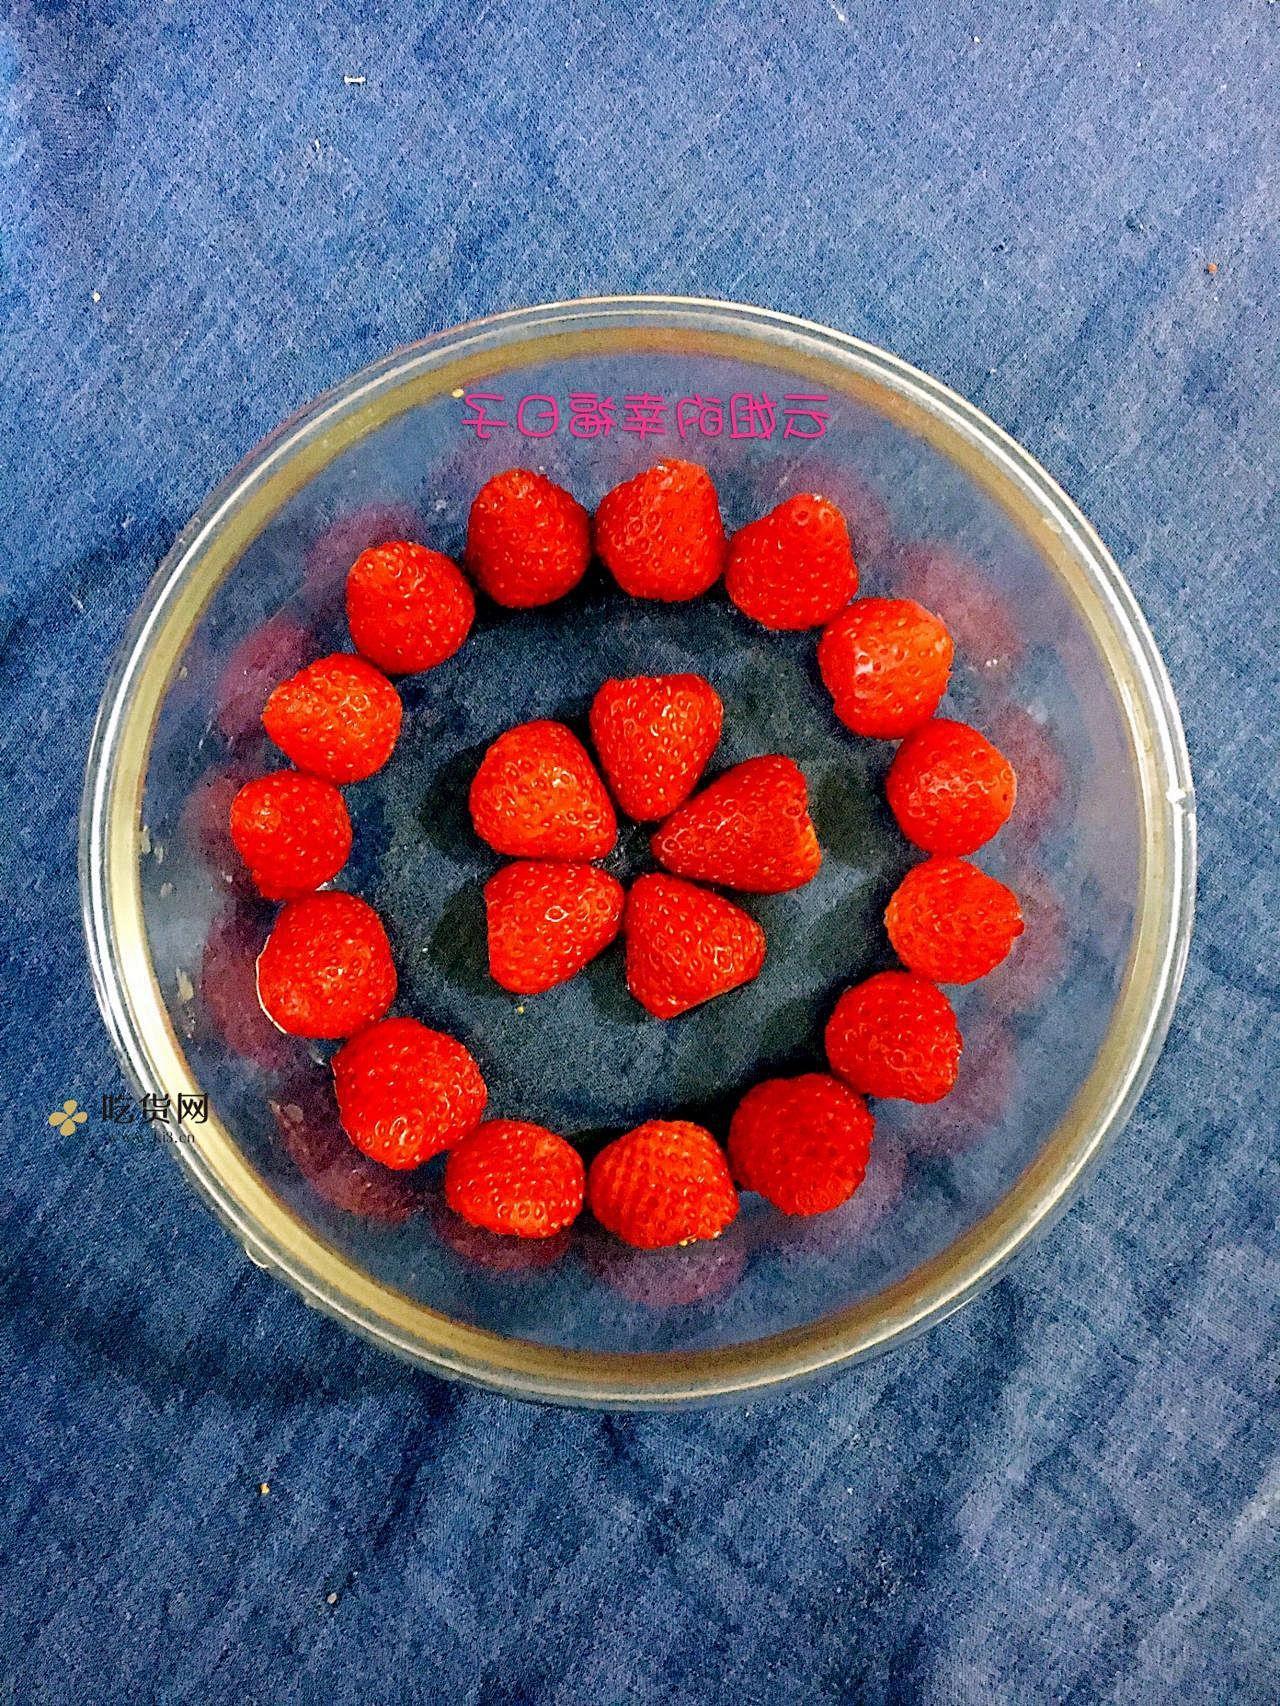 简易水果酸奶慕斯(零负担)的做法 步骤7